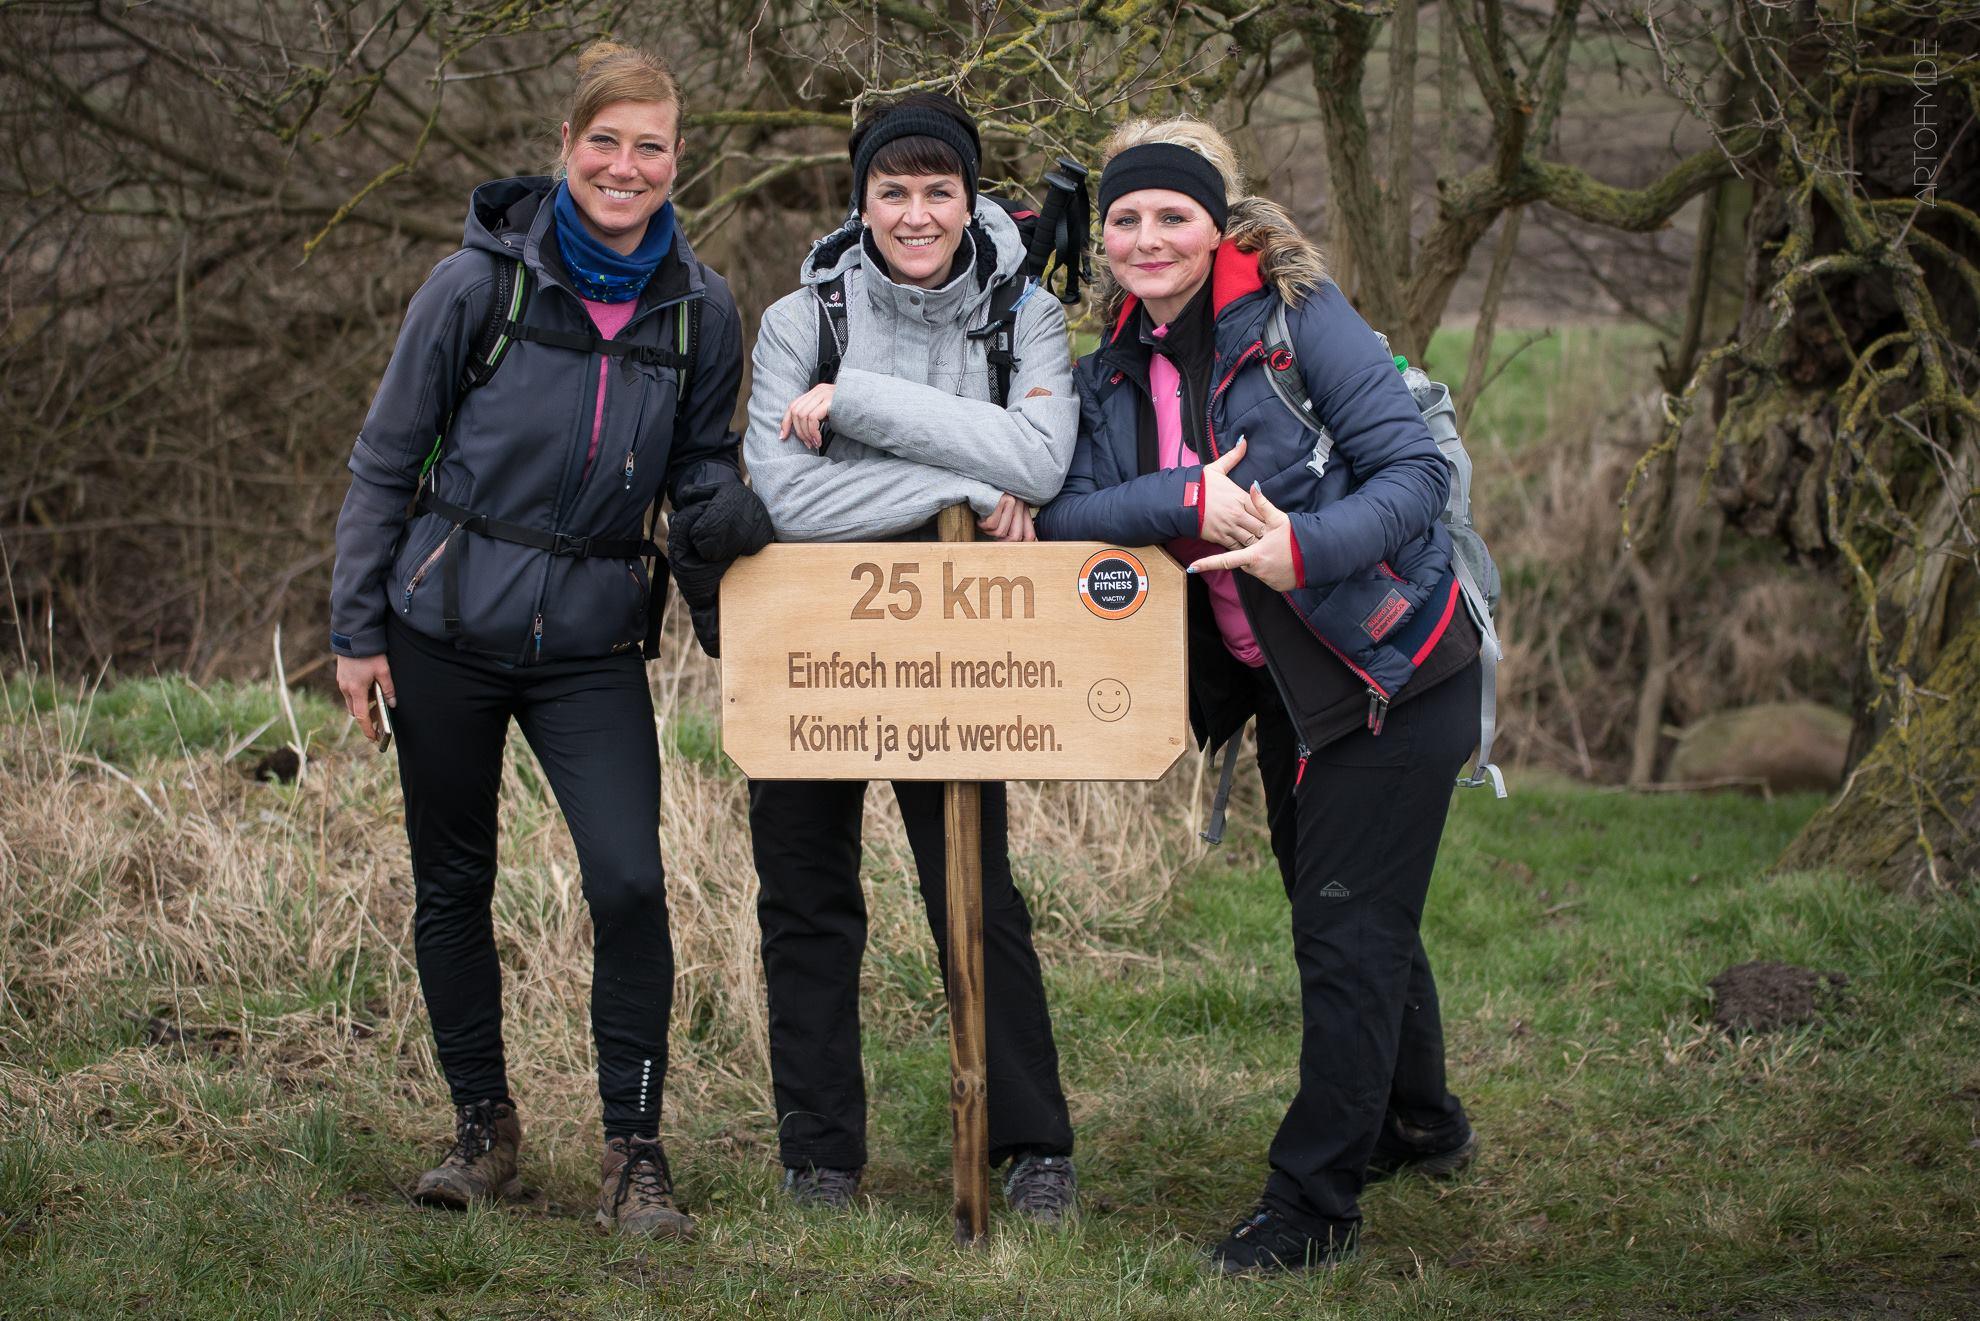 Erste große Hiking-Challenge auf der Ostseeinsel Fehmarn